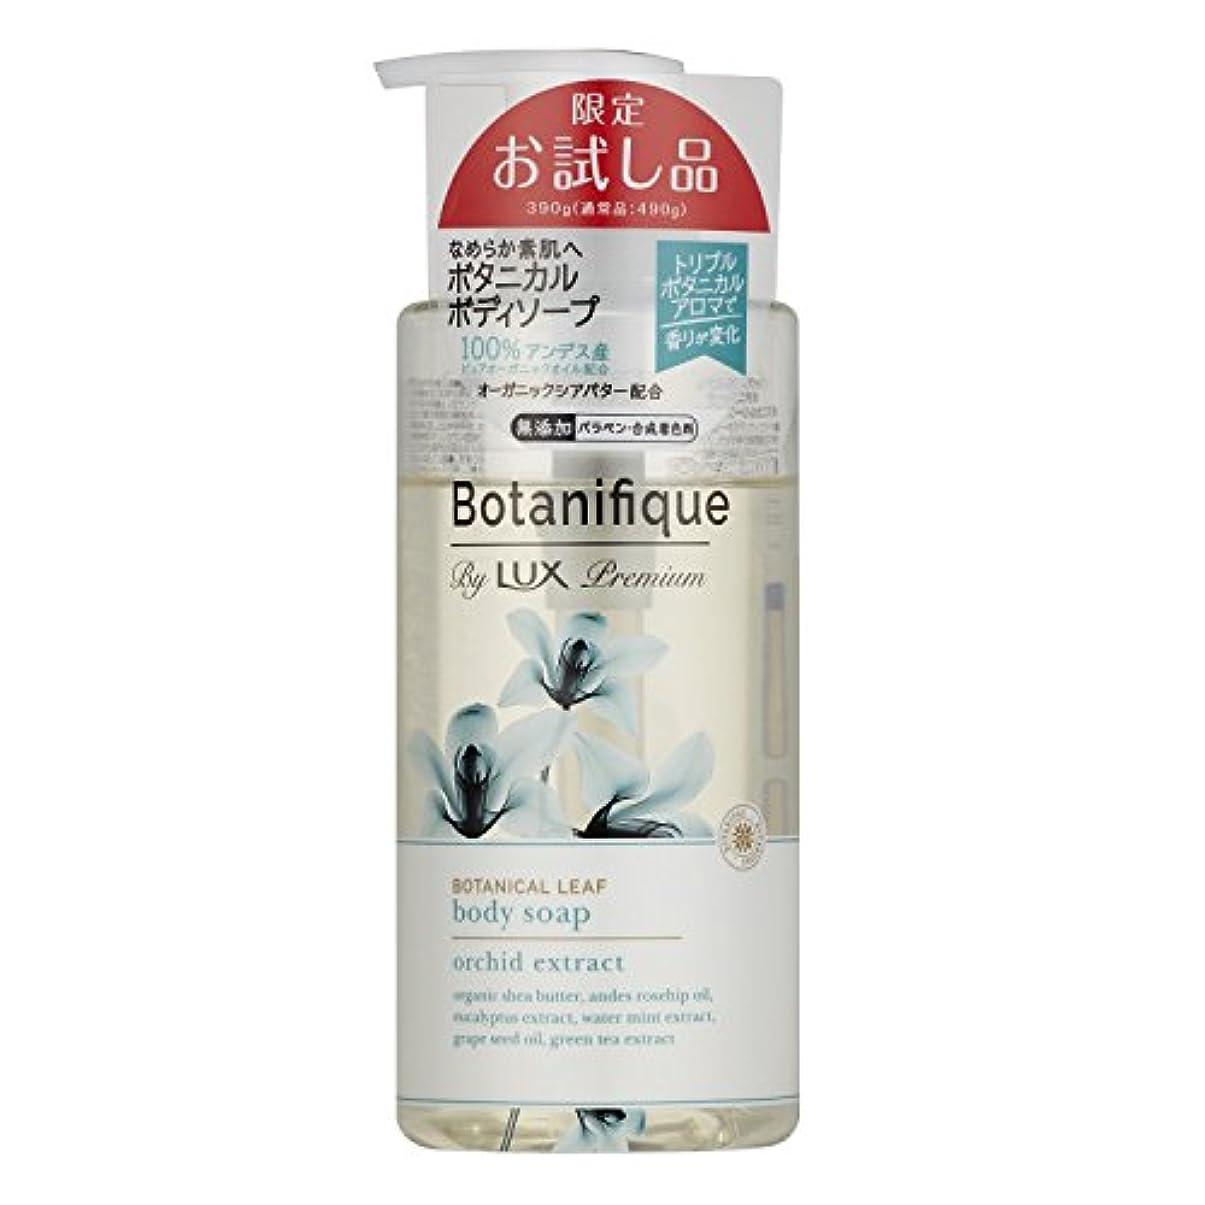 あたたかい日常的にトレードラックス プレミアム ボタニフィーク ボタニカルリーフ ボディソープ ポンプ(ボタニカルリーフの香り) お試し品 390g